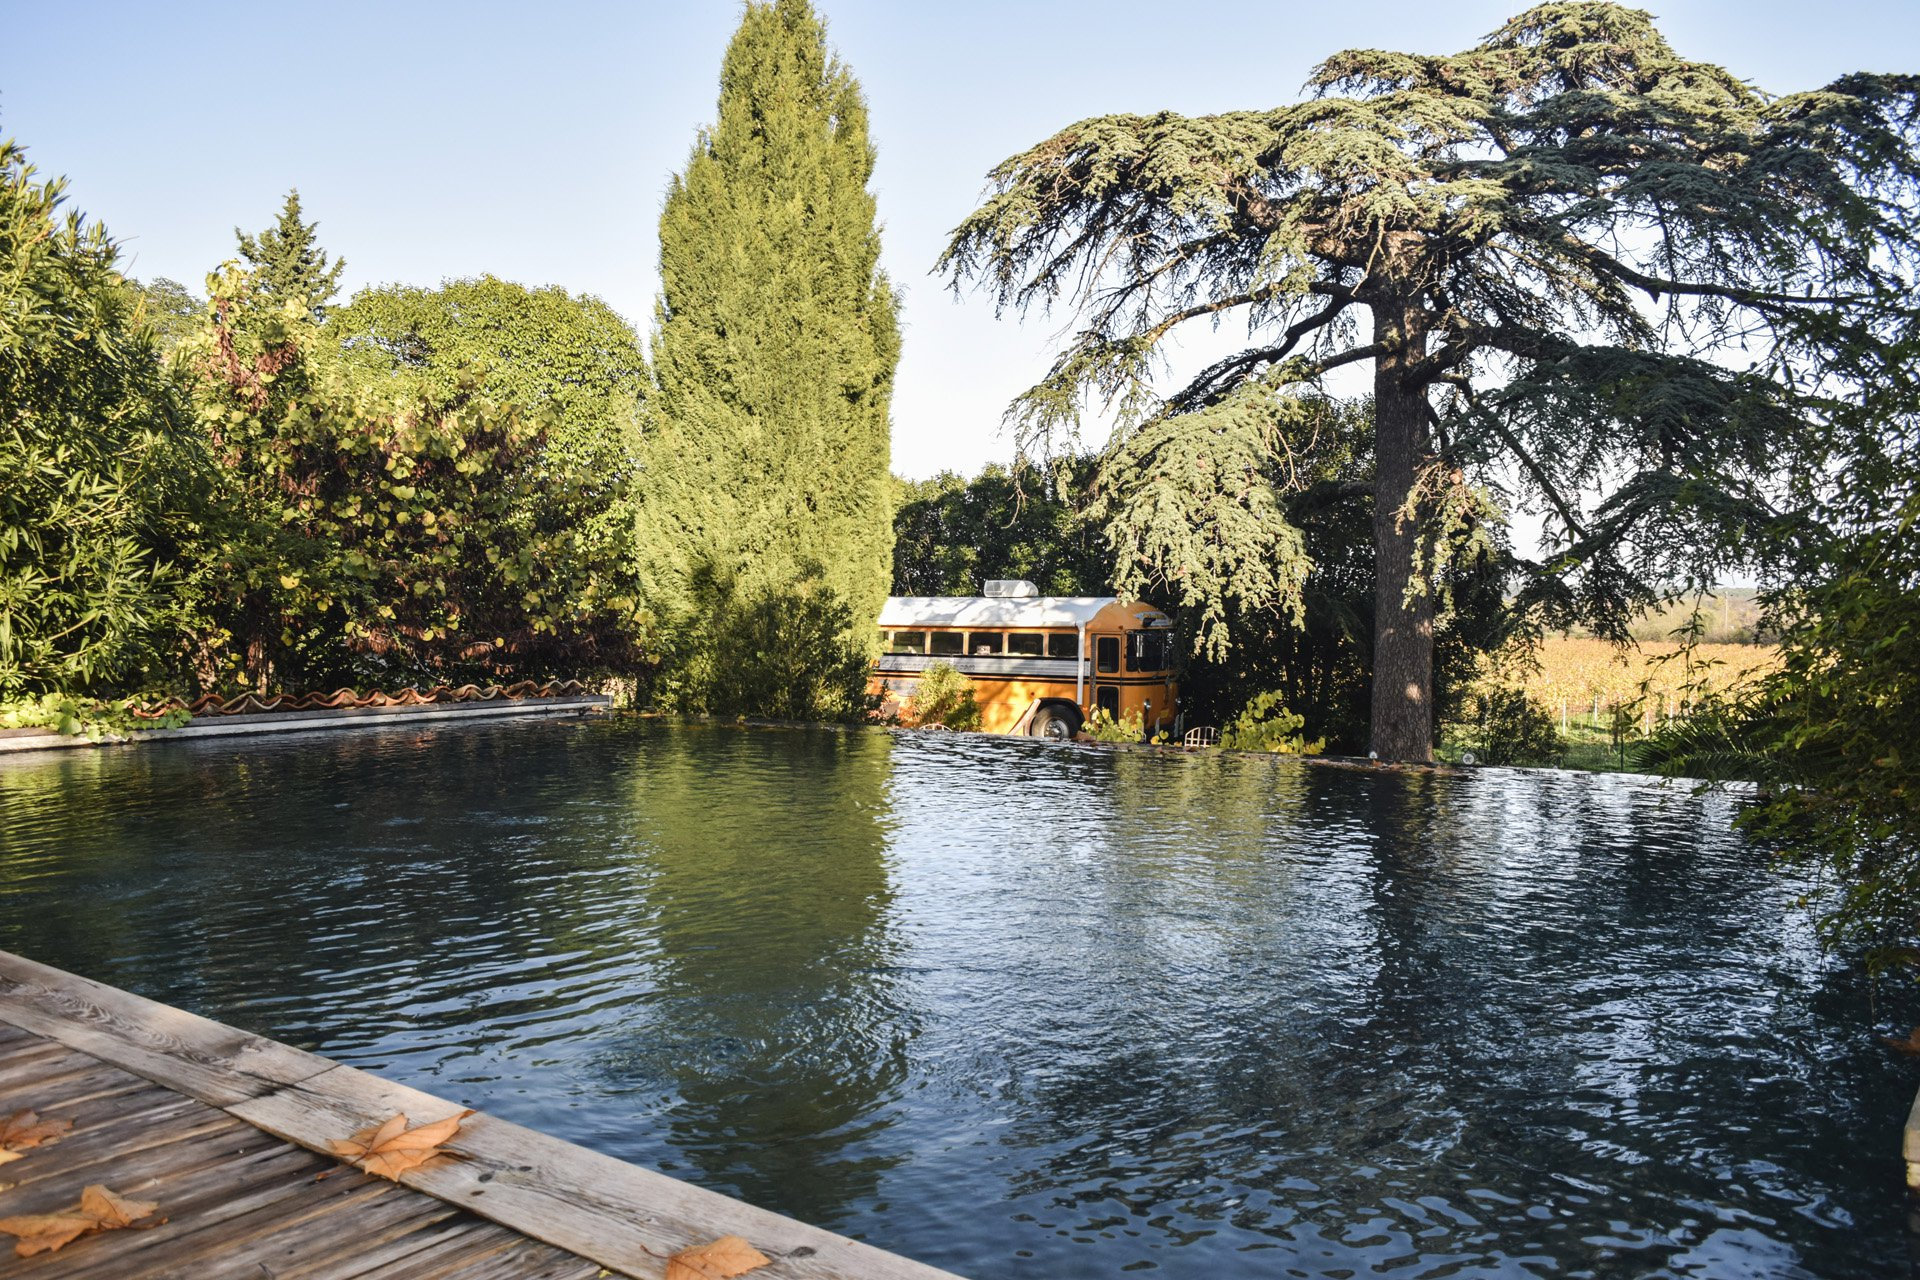 piscine Bastide 18 ième siècle 750 m², sur 2 ha chambres d'hôtes, le luc, var, provence